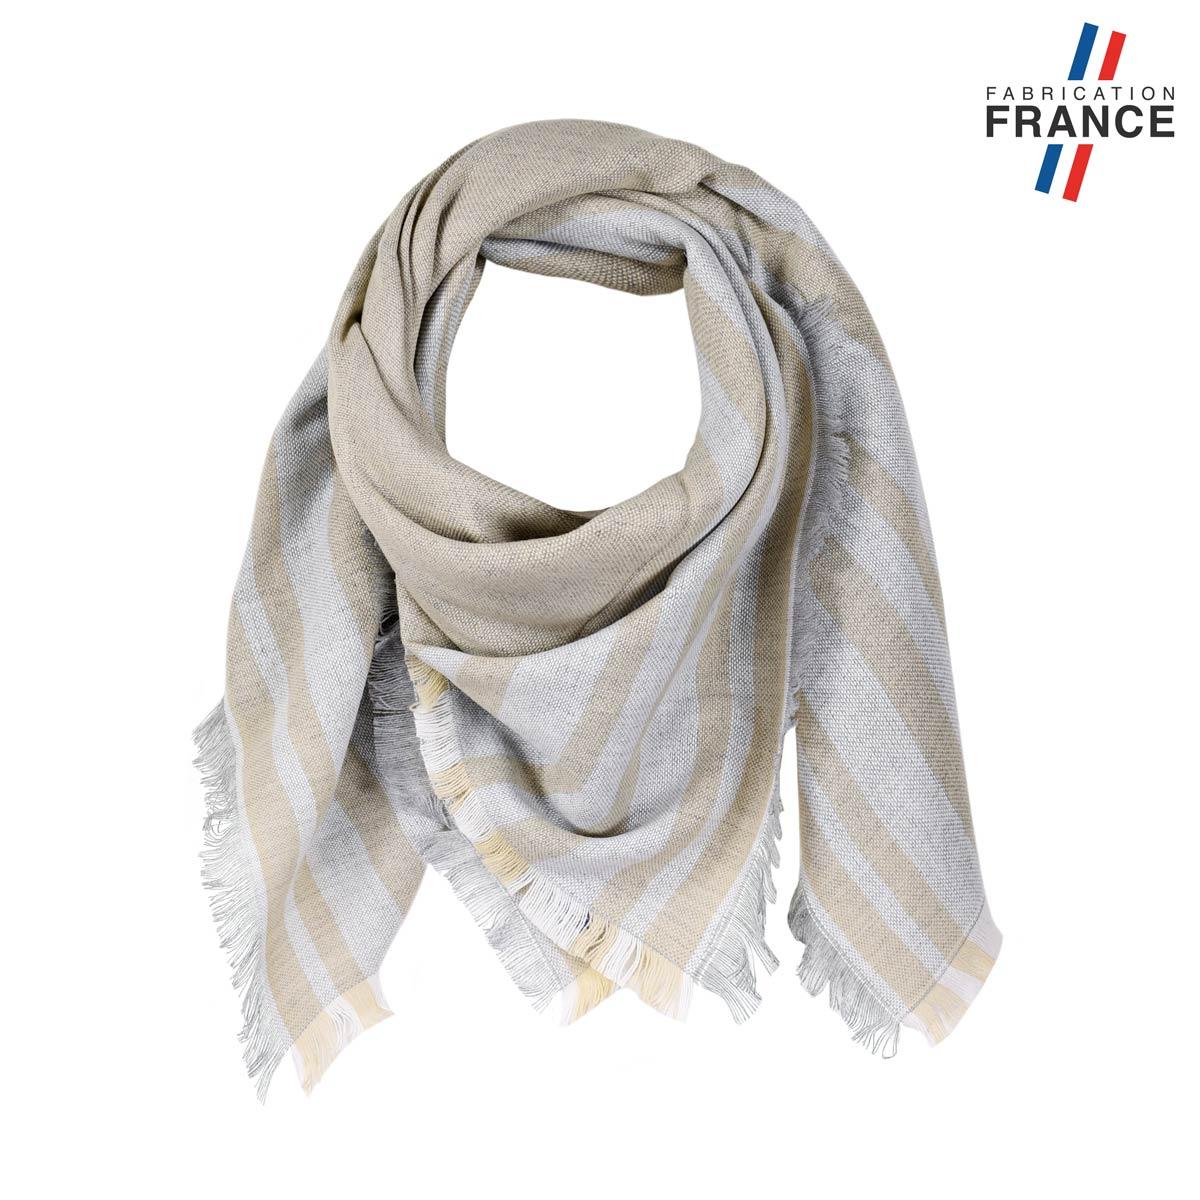 AT-05823_F12-1FR_Echarpe-carre-femme-beige-made-in-france